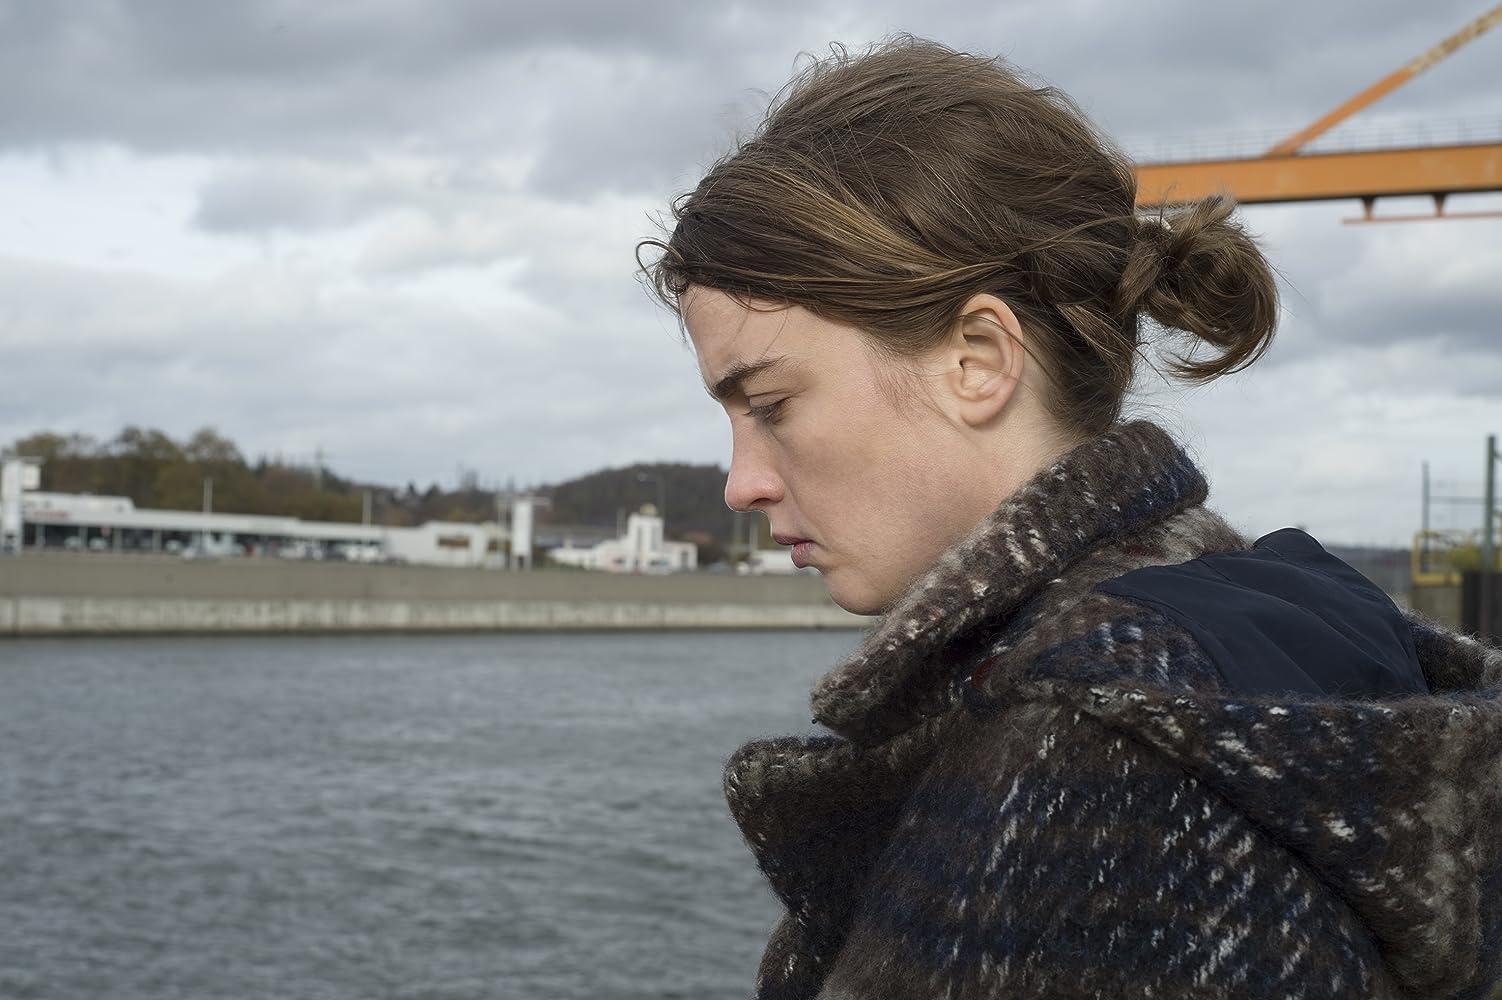 La Chica Desconocida | Película con Adèle Haenel, Jérémie Renier